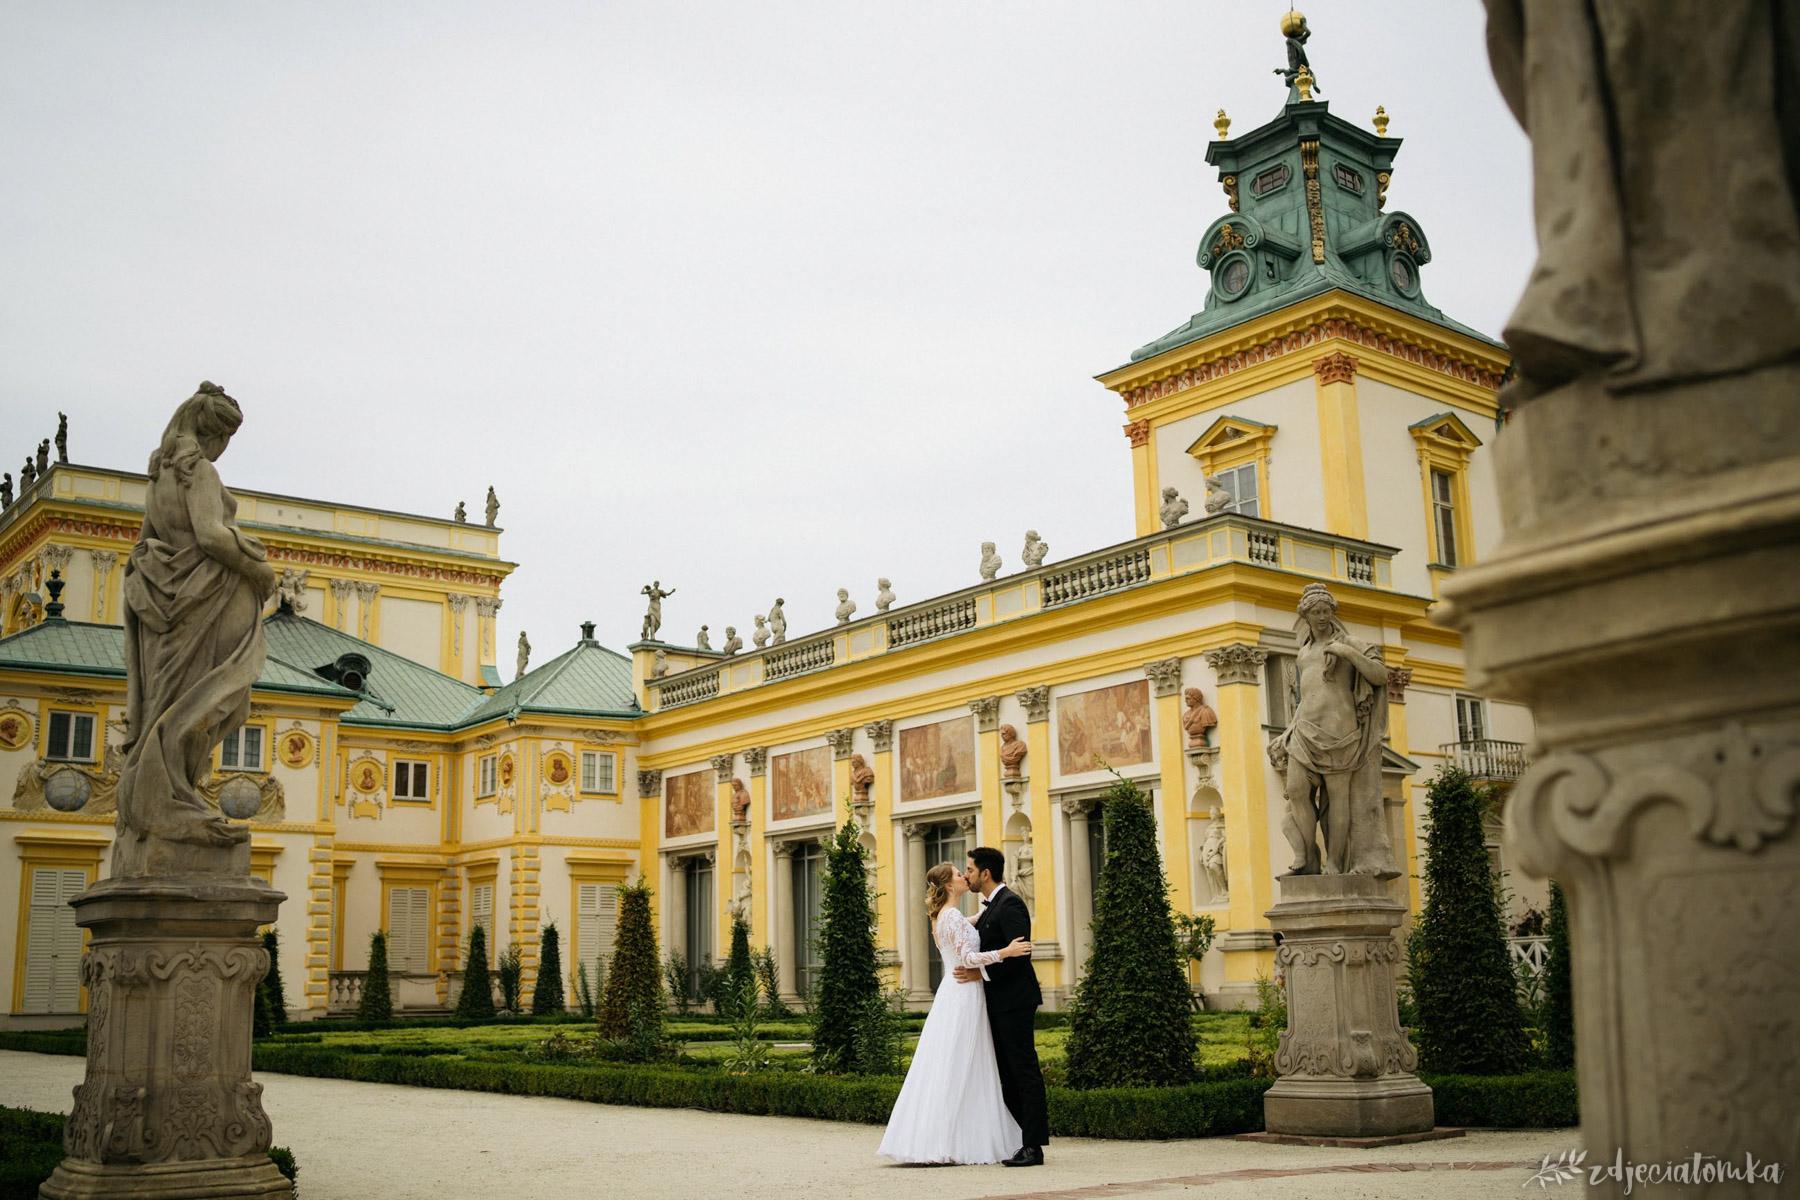 wesele polsko-brazylijskie sesja ślubna w wilanowie w ogrodach wilanowskich para sesja poślubna plener fotograficzny fotograf warszawa łódź sesja po ślubie pałac ogrody